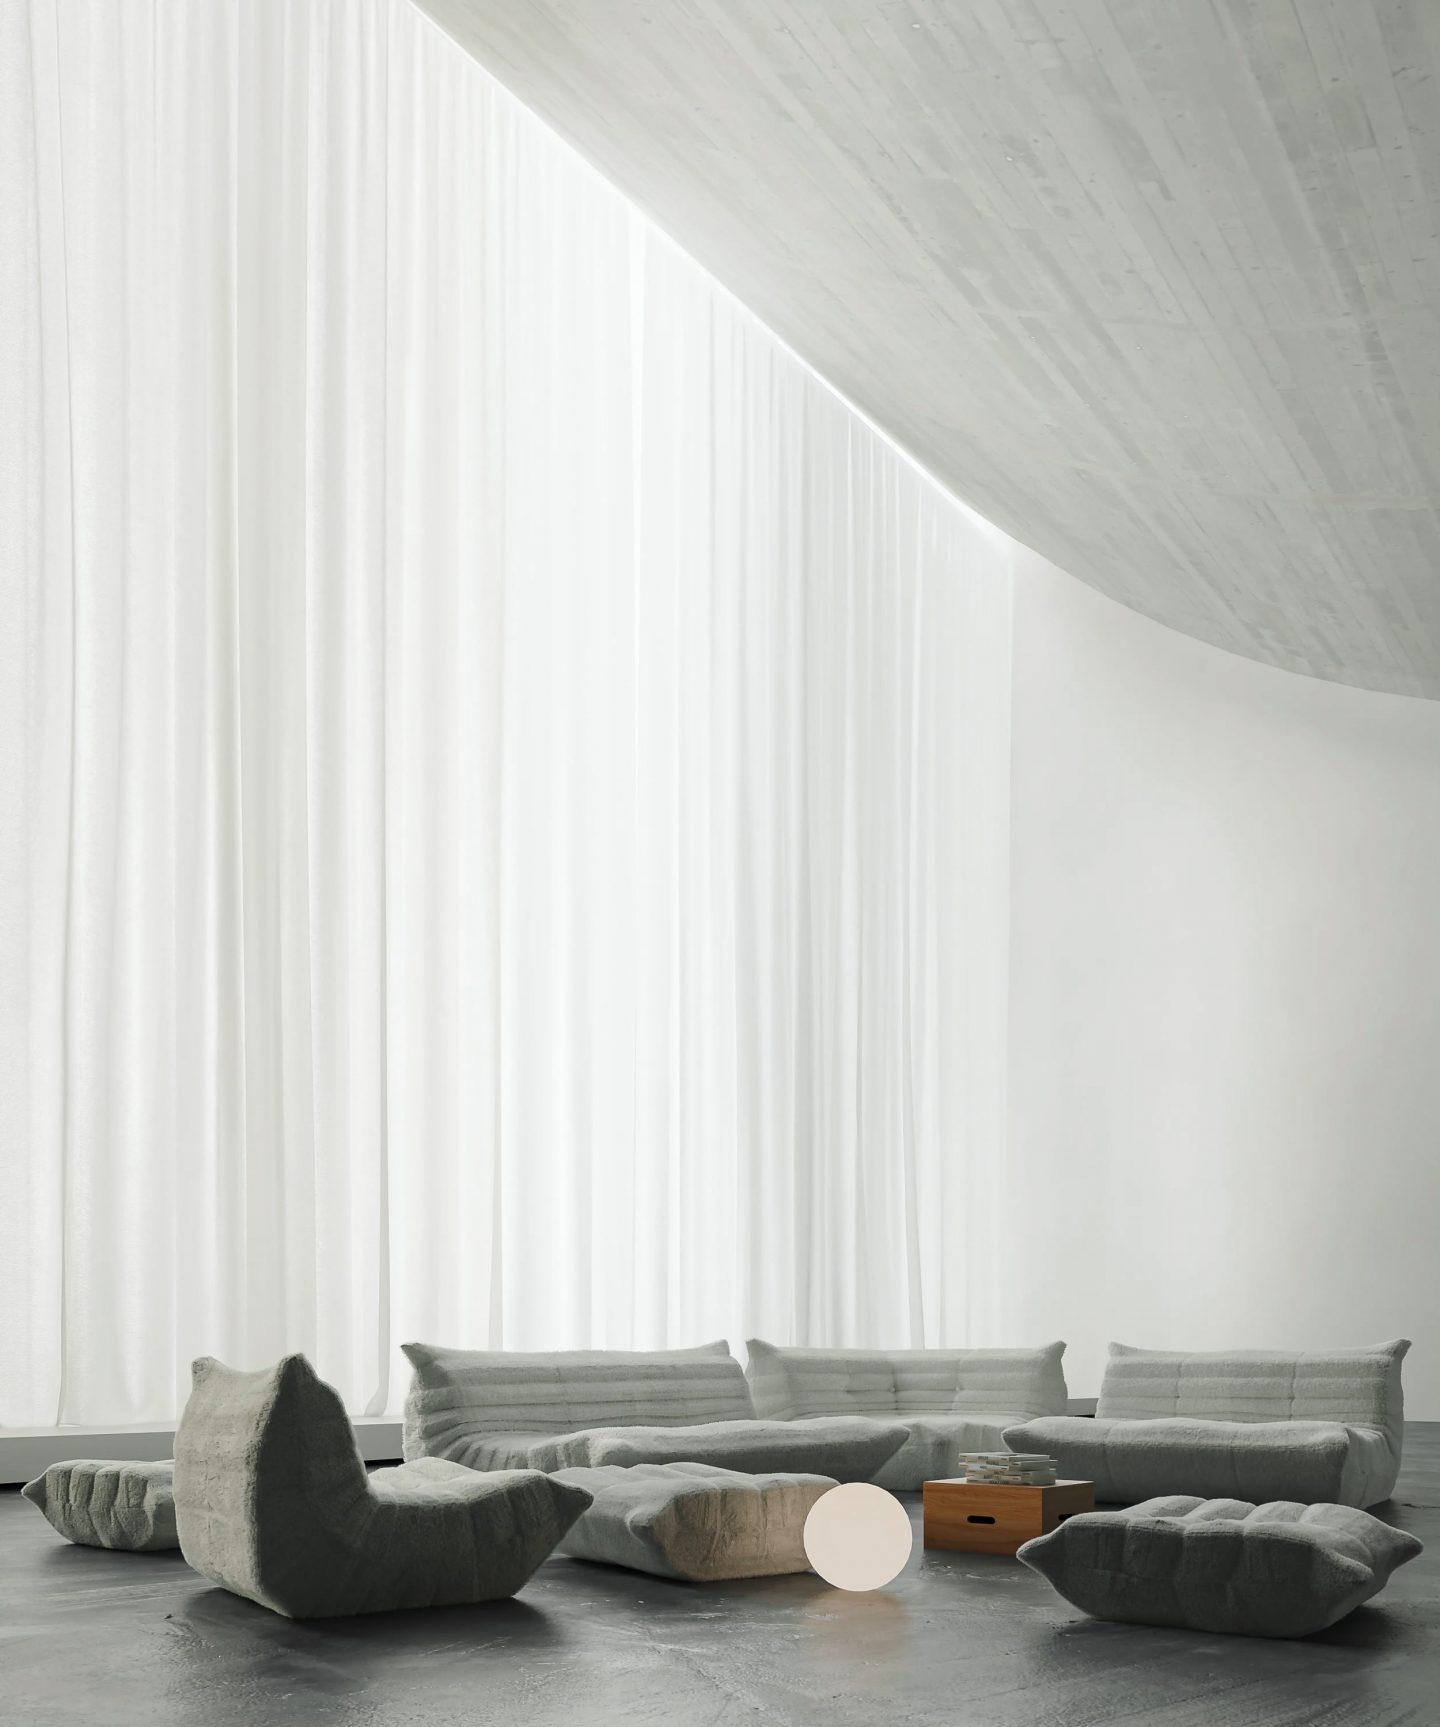 IGNANT-Design-Digital-Heliophilia-1